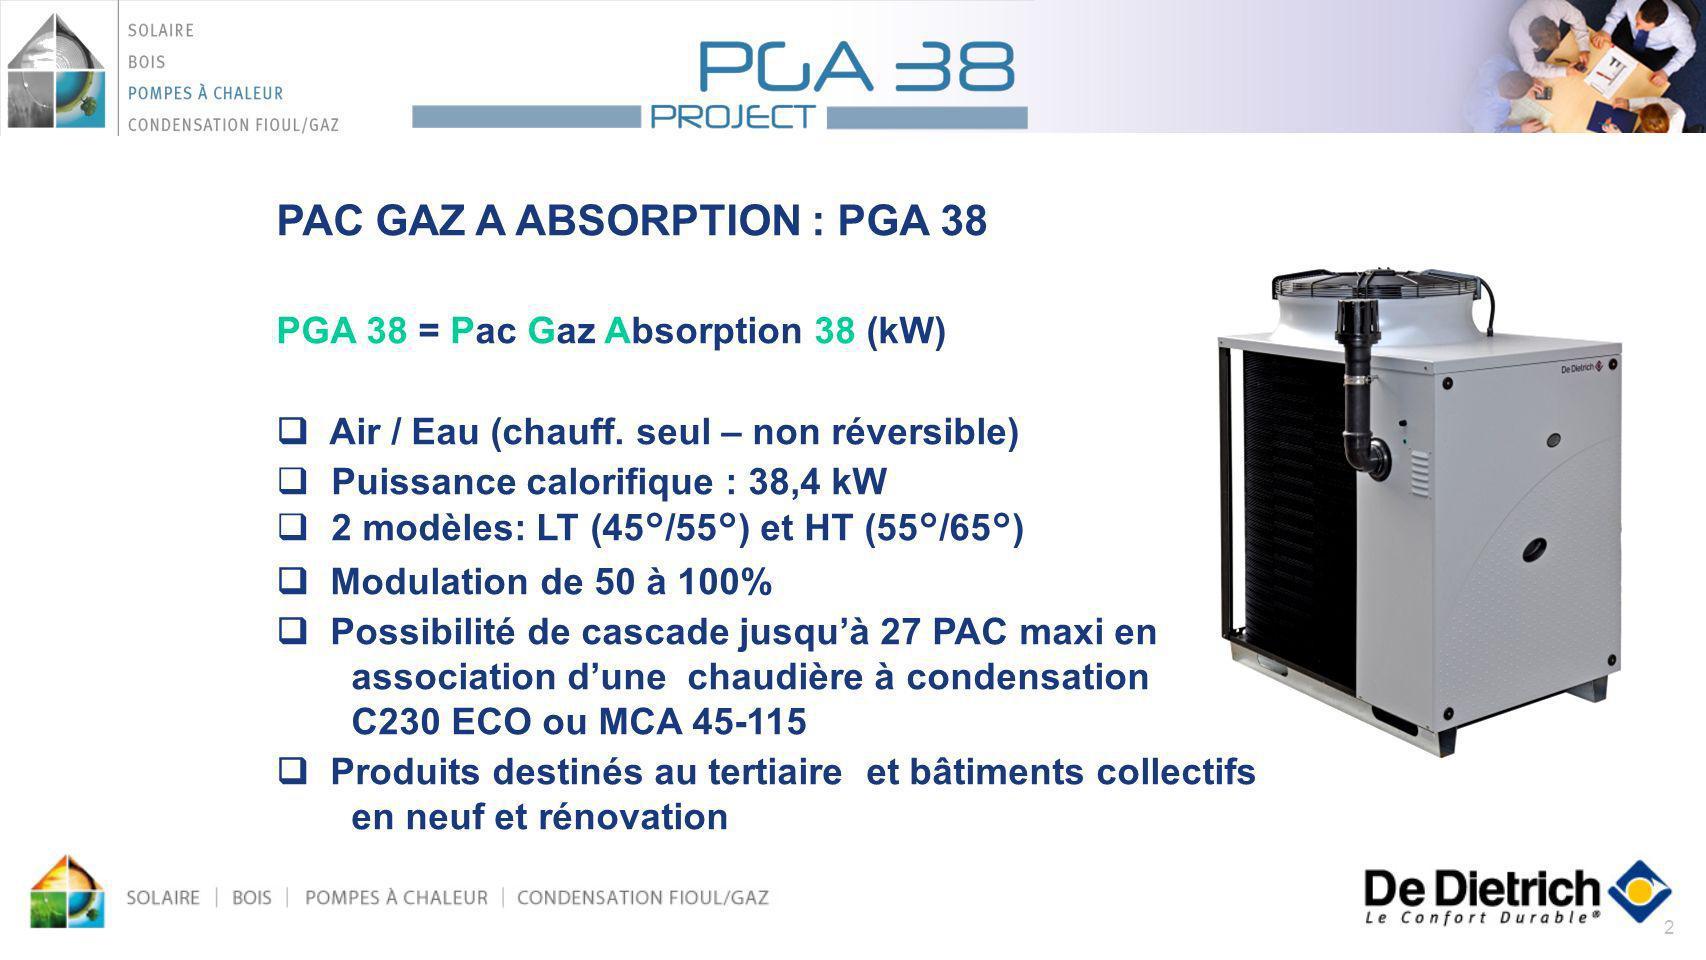 PAC GAZ A ABSORPTION : PGA 38